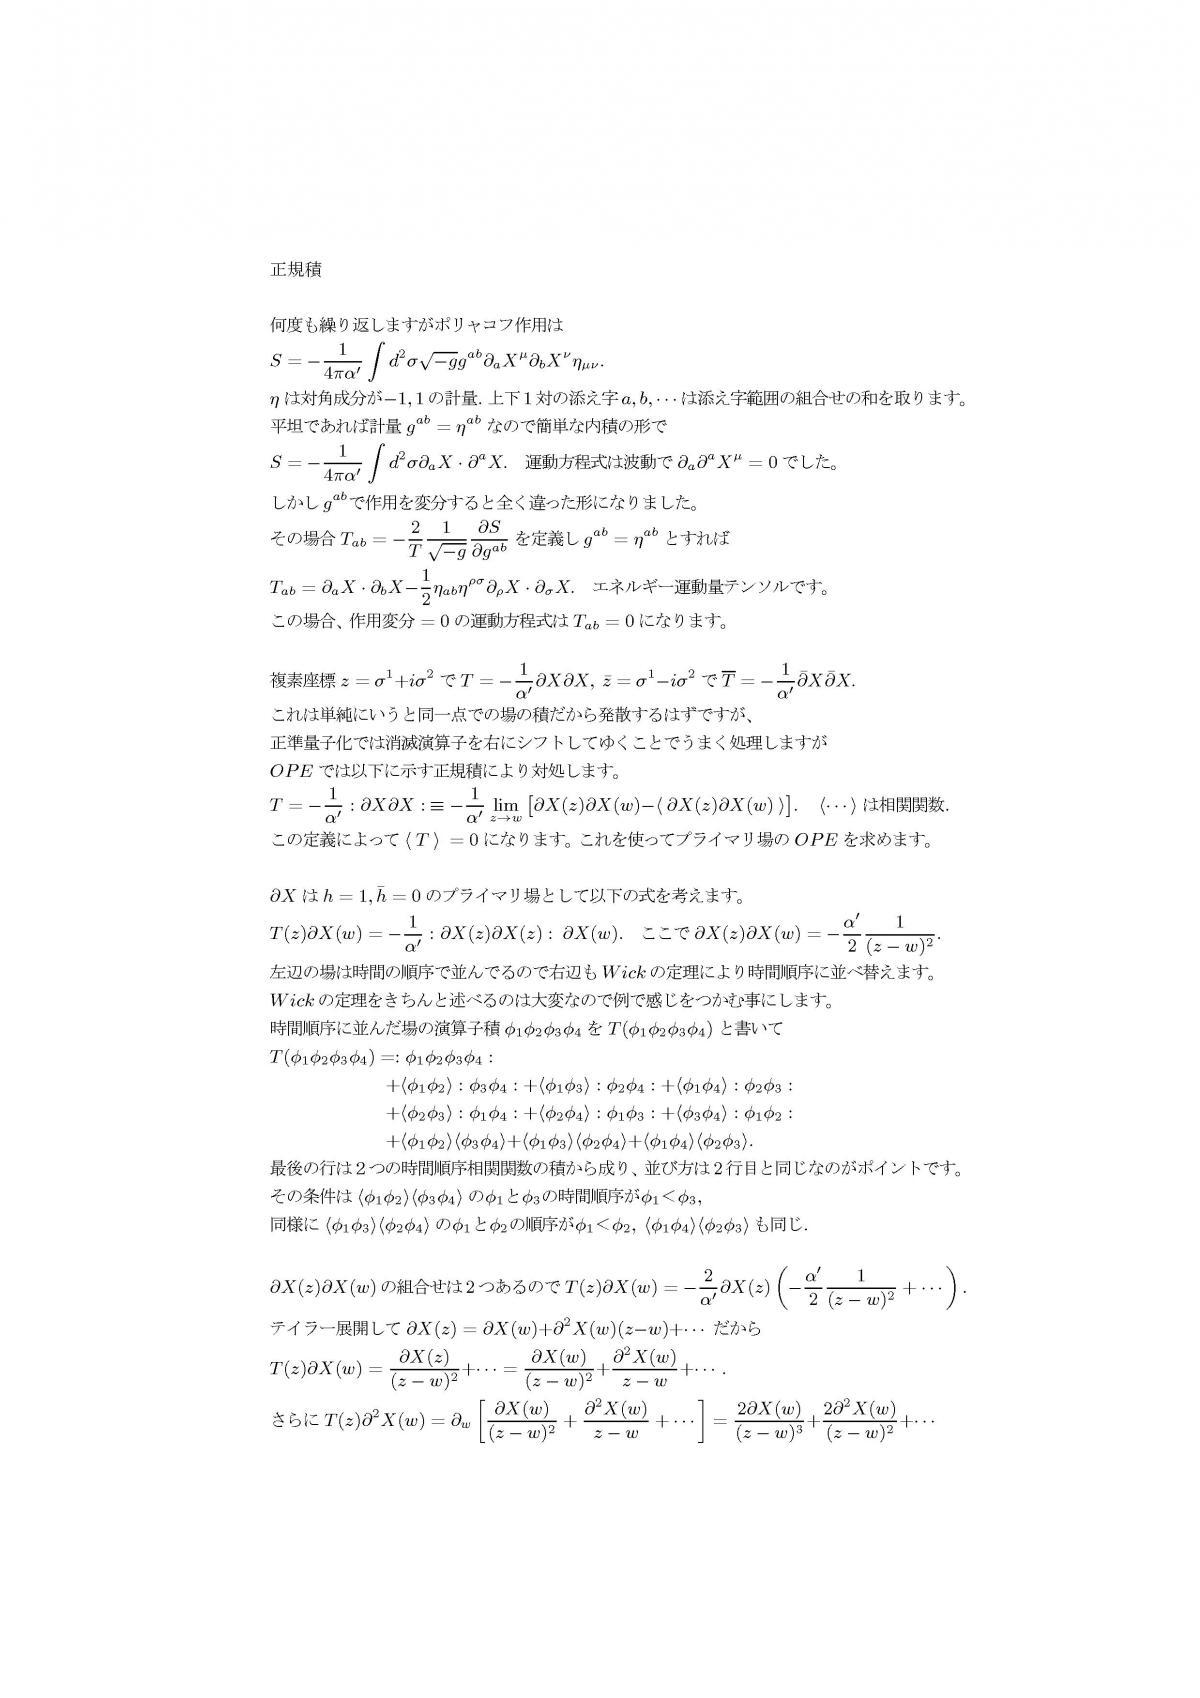 pgen28.jpg